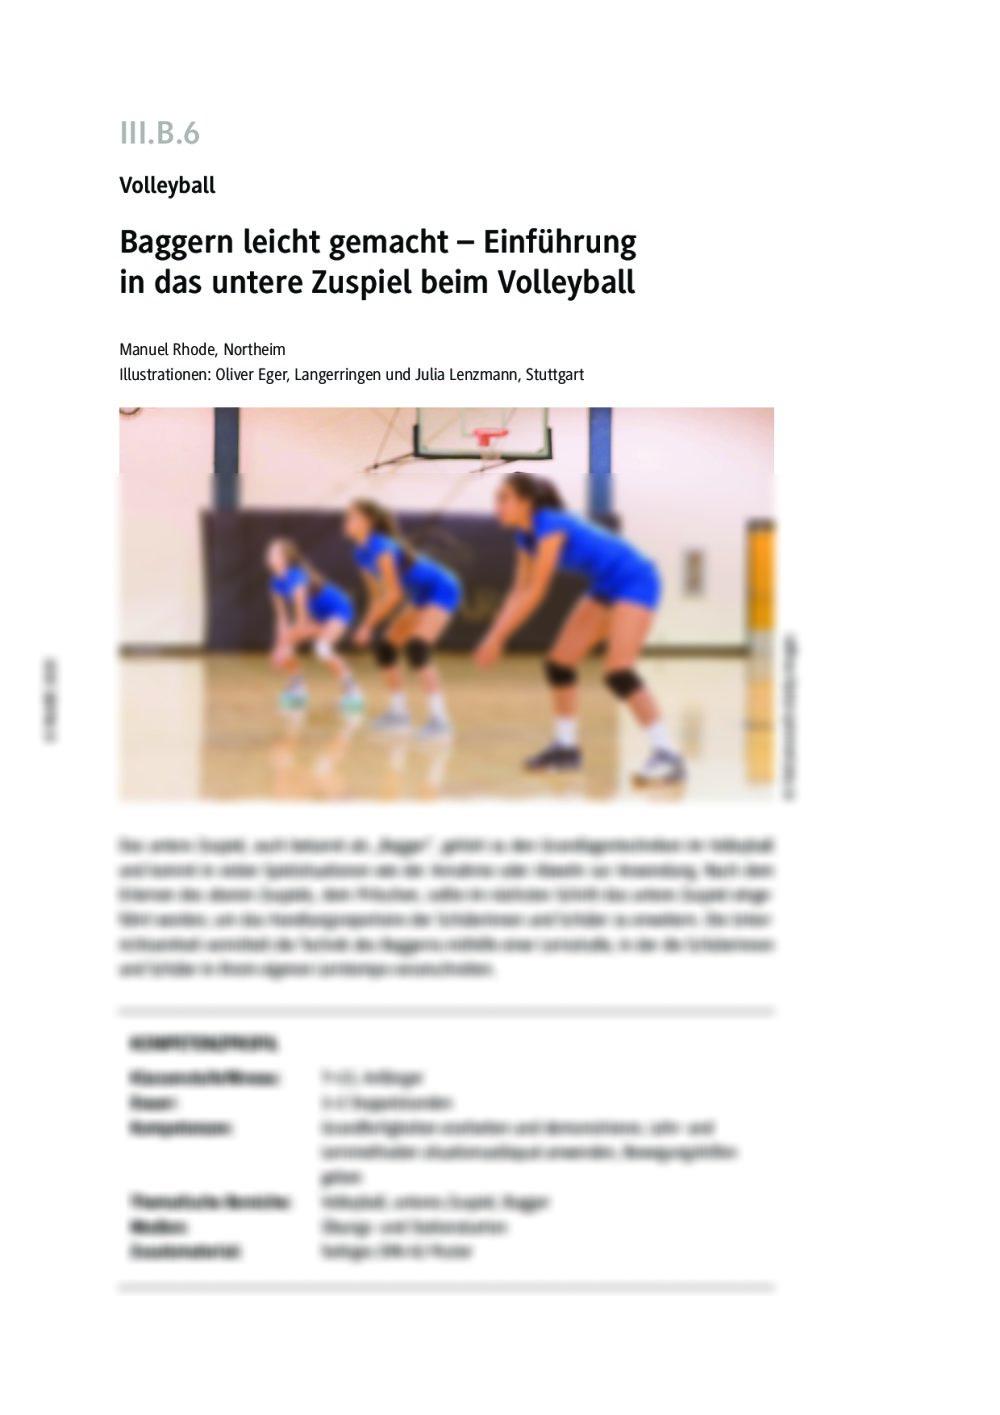 Einführung in das untere Zuspiel beim Volleyball - Seite 1